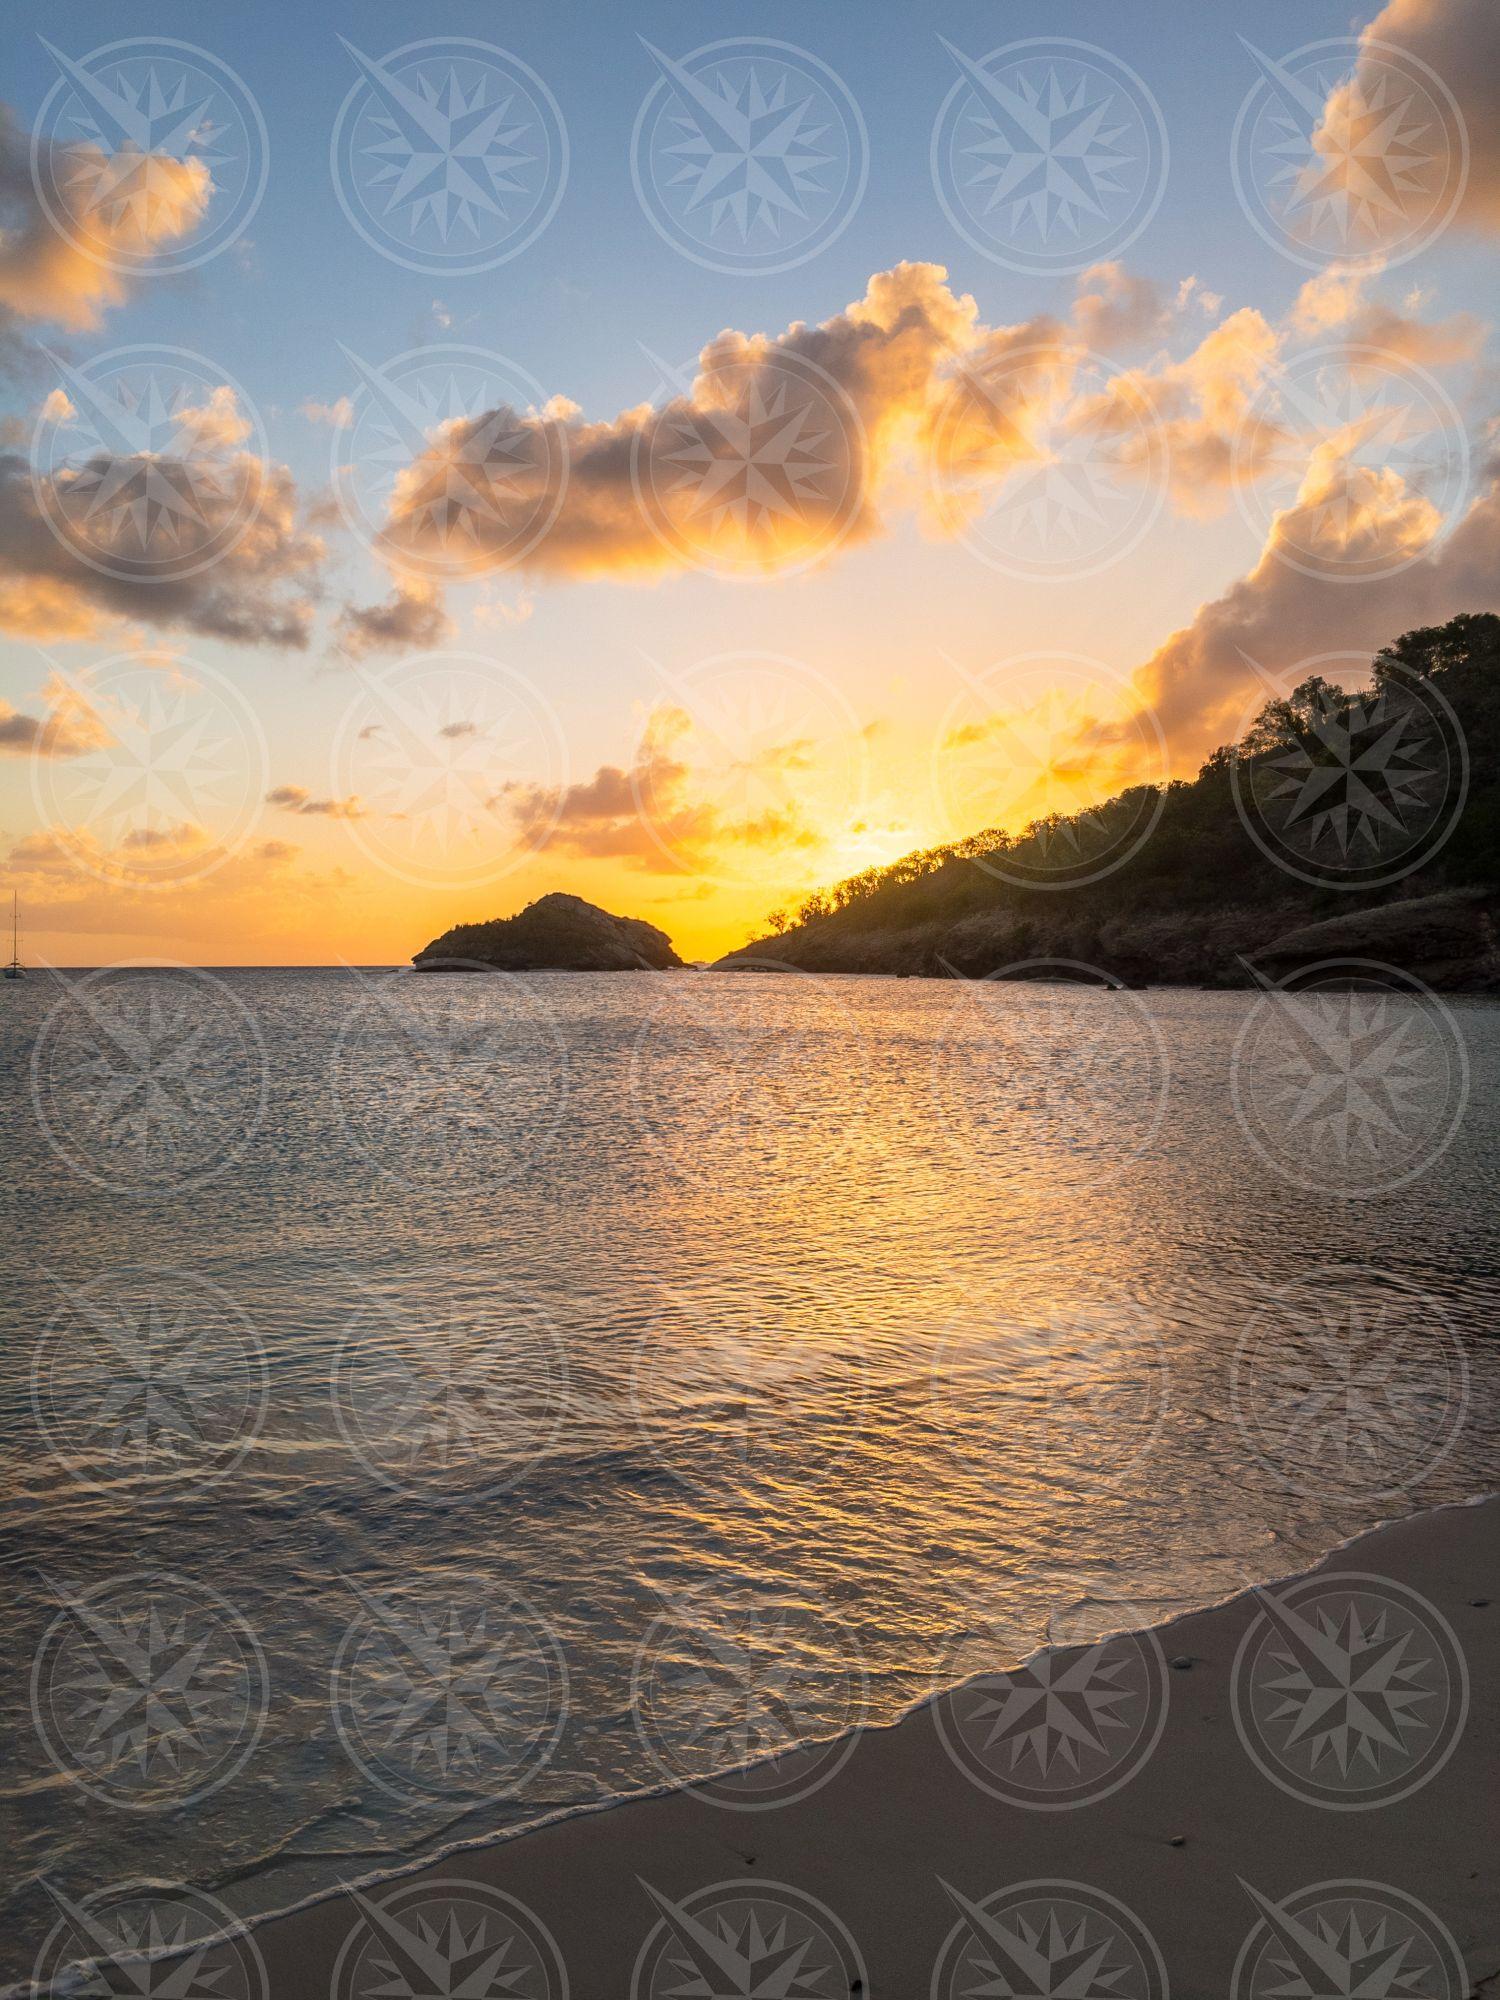 Deepwater Bay Beach at sunset